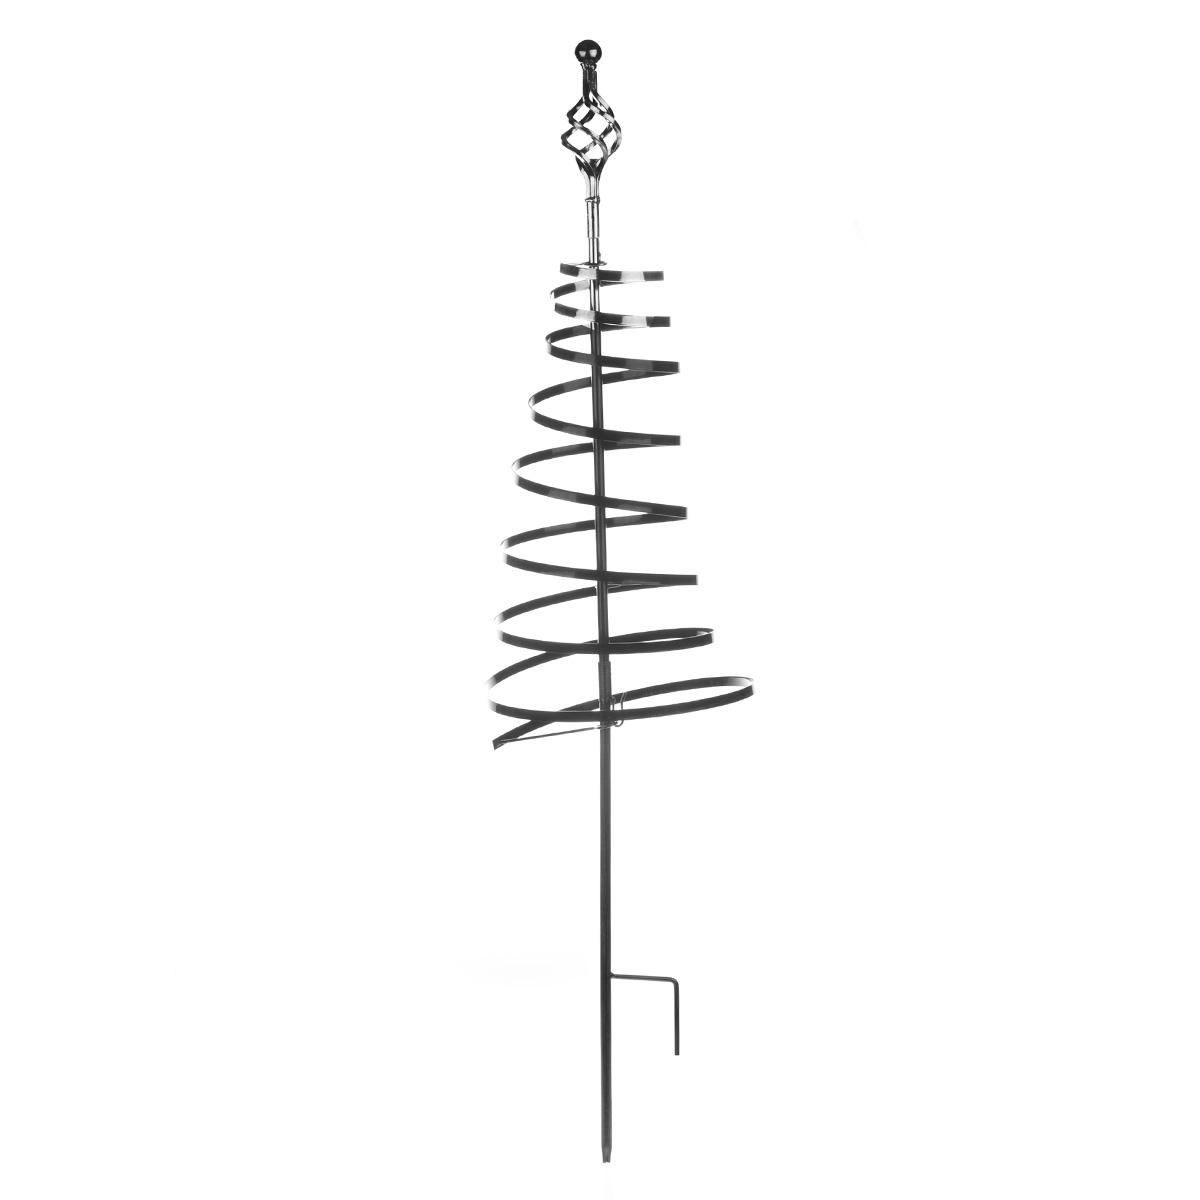 Спиральная поддержка Green Apple GTSQNN, 50 смGTSQОпора-спираль используется для поддержки как садовых, так и комнатных растений. Благодаря своей спиралевидной форме опора обеспечивает поддержку без подвязывания растения.